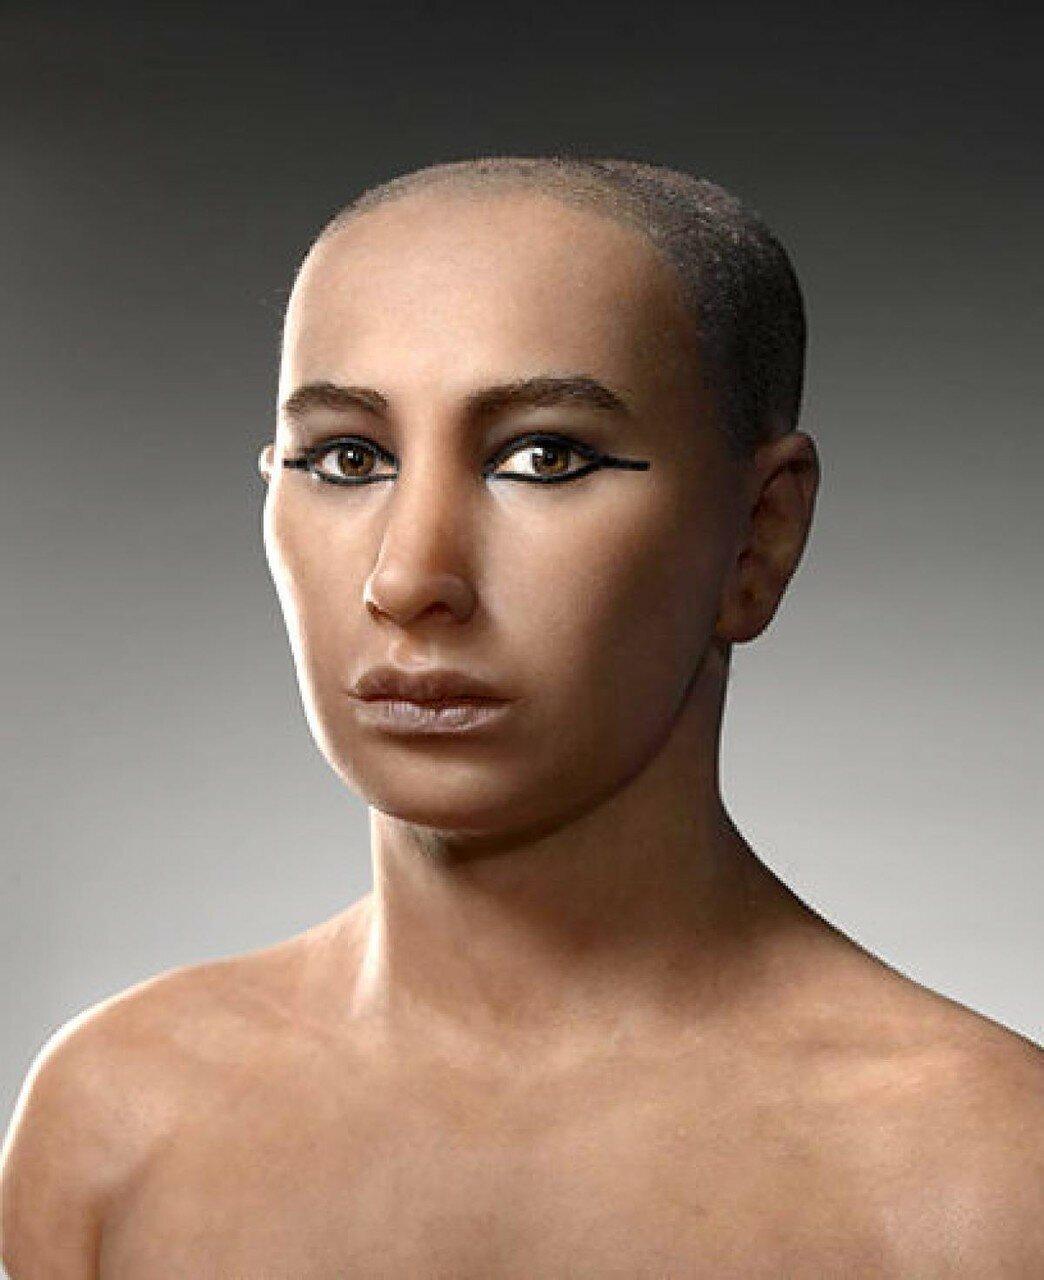 Смоделированный образ фараона Тутанхамона, созданный французской командой на основе реконструкций лица, сделанных с помощью компьютерного сканирования мумии фараона. 10 мая 2005